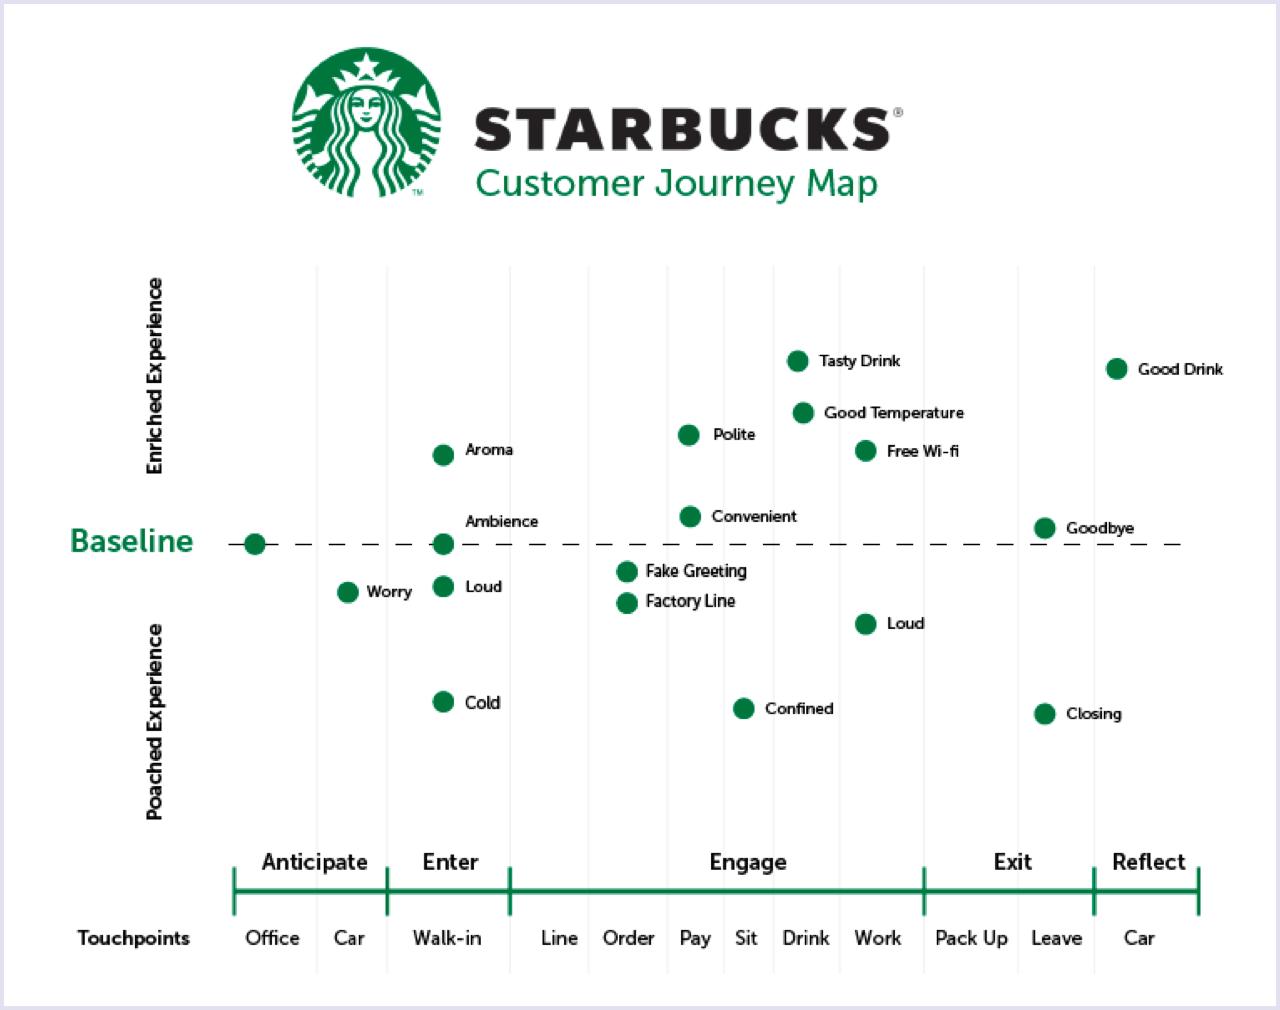 درباره تجربه مشتری (Customer Experience)